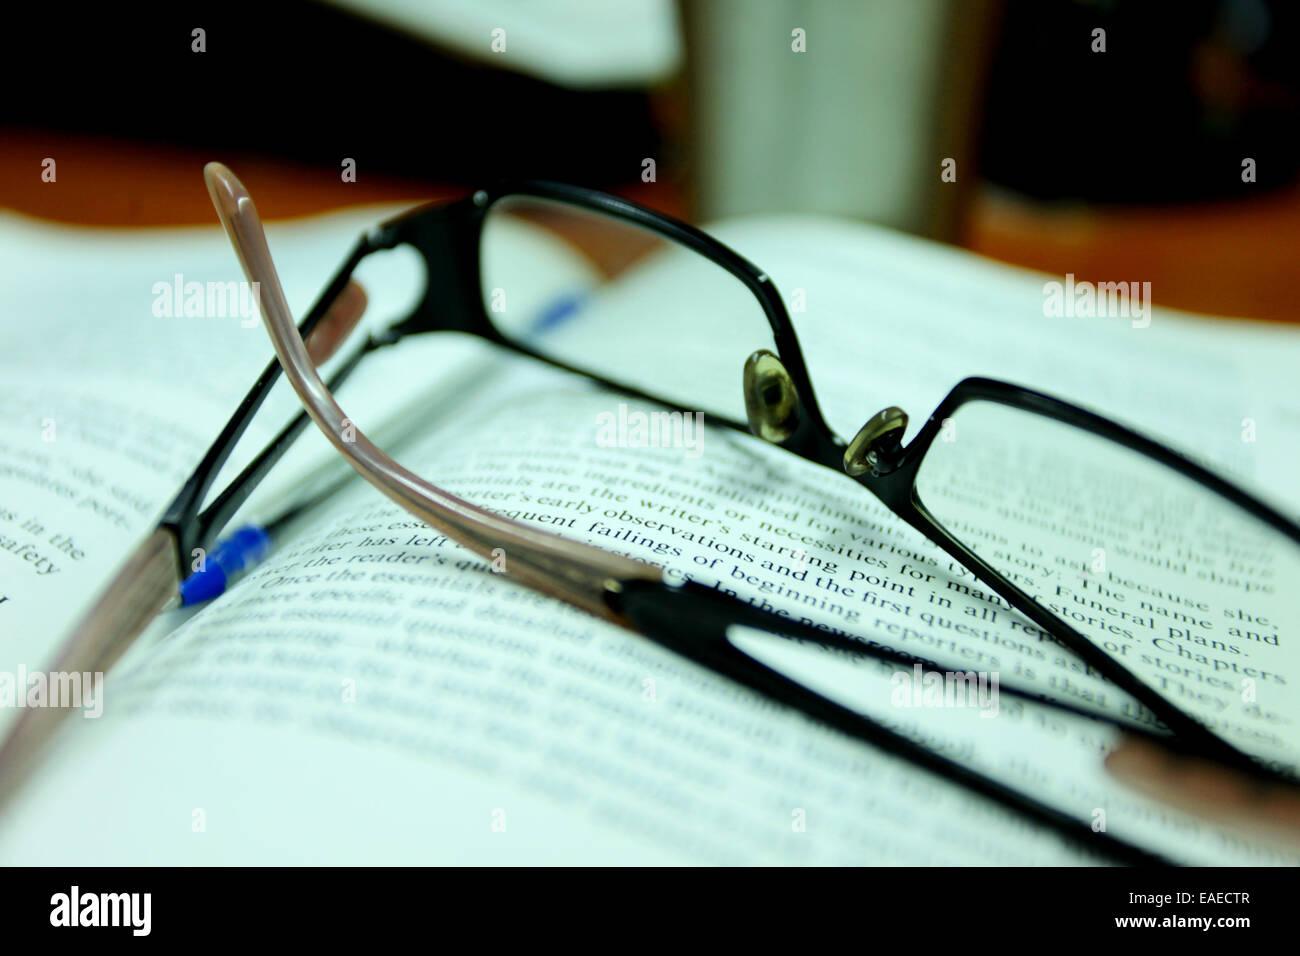 Lunettes de lecture sur un livre Photo Stock